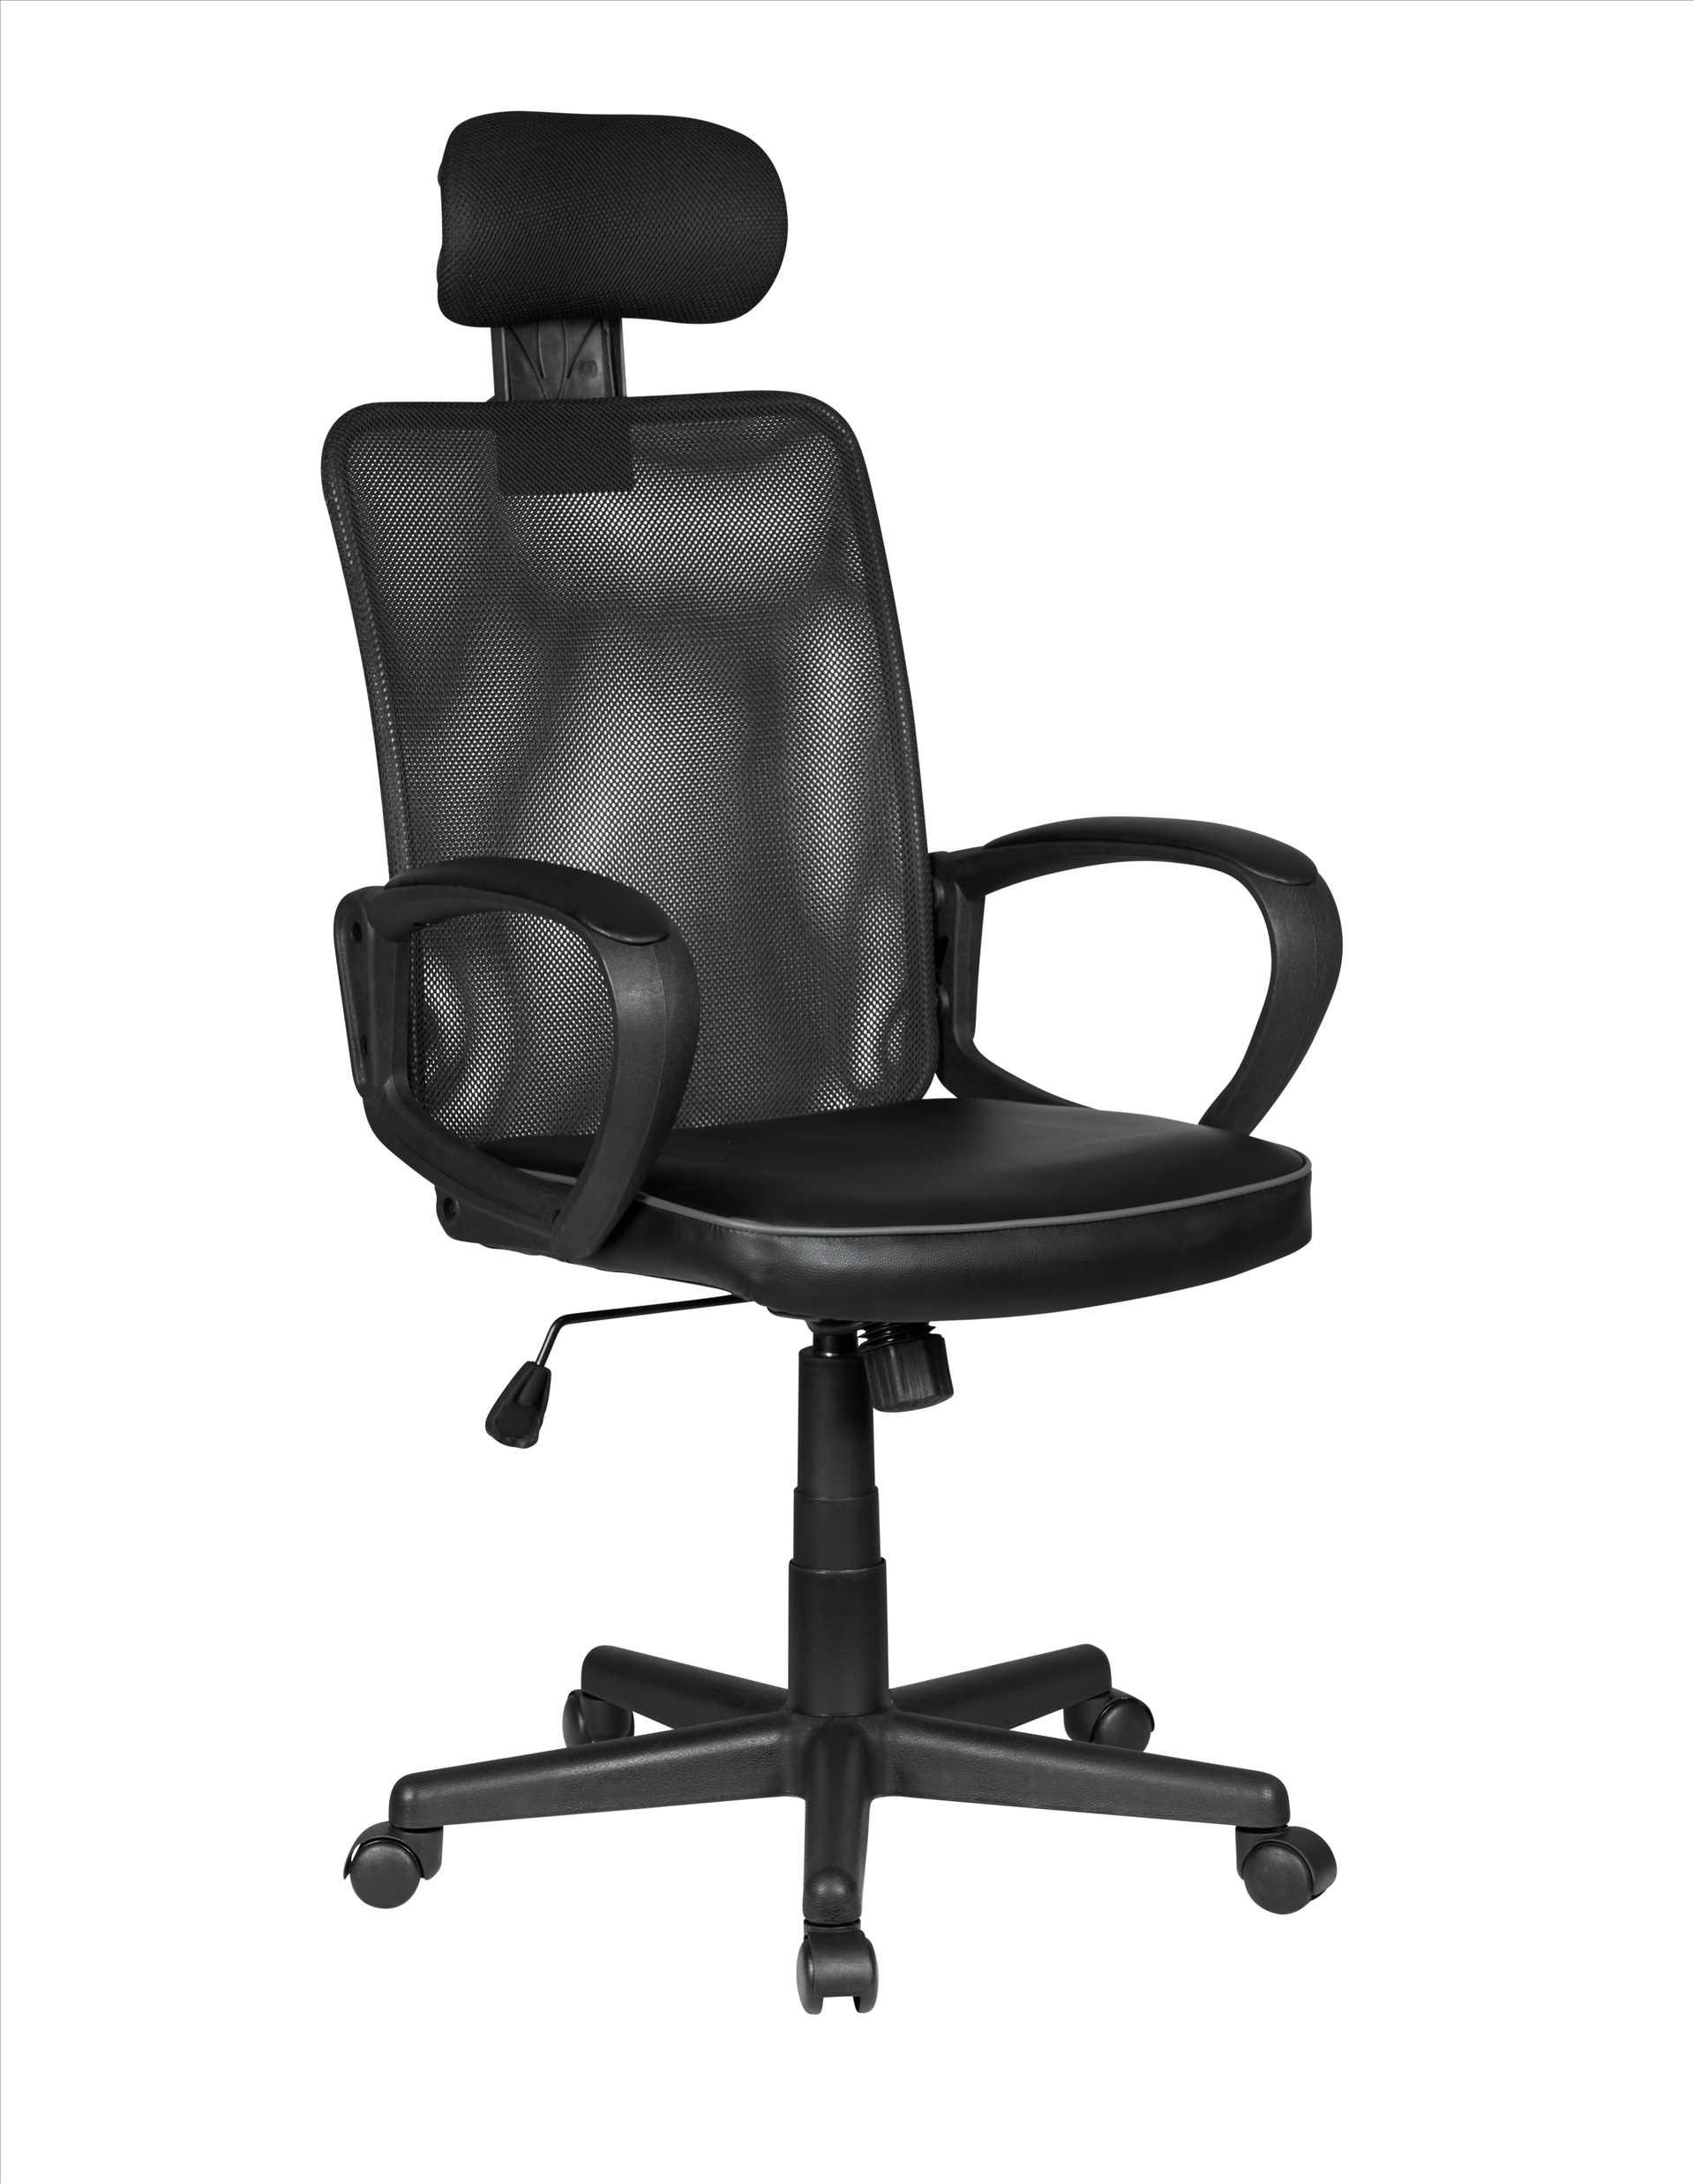 כסא מנהלים PRO TECH דגם HENRY הנרי מבית פרו-טק - תמונה 1